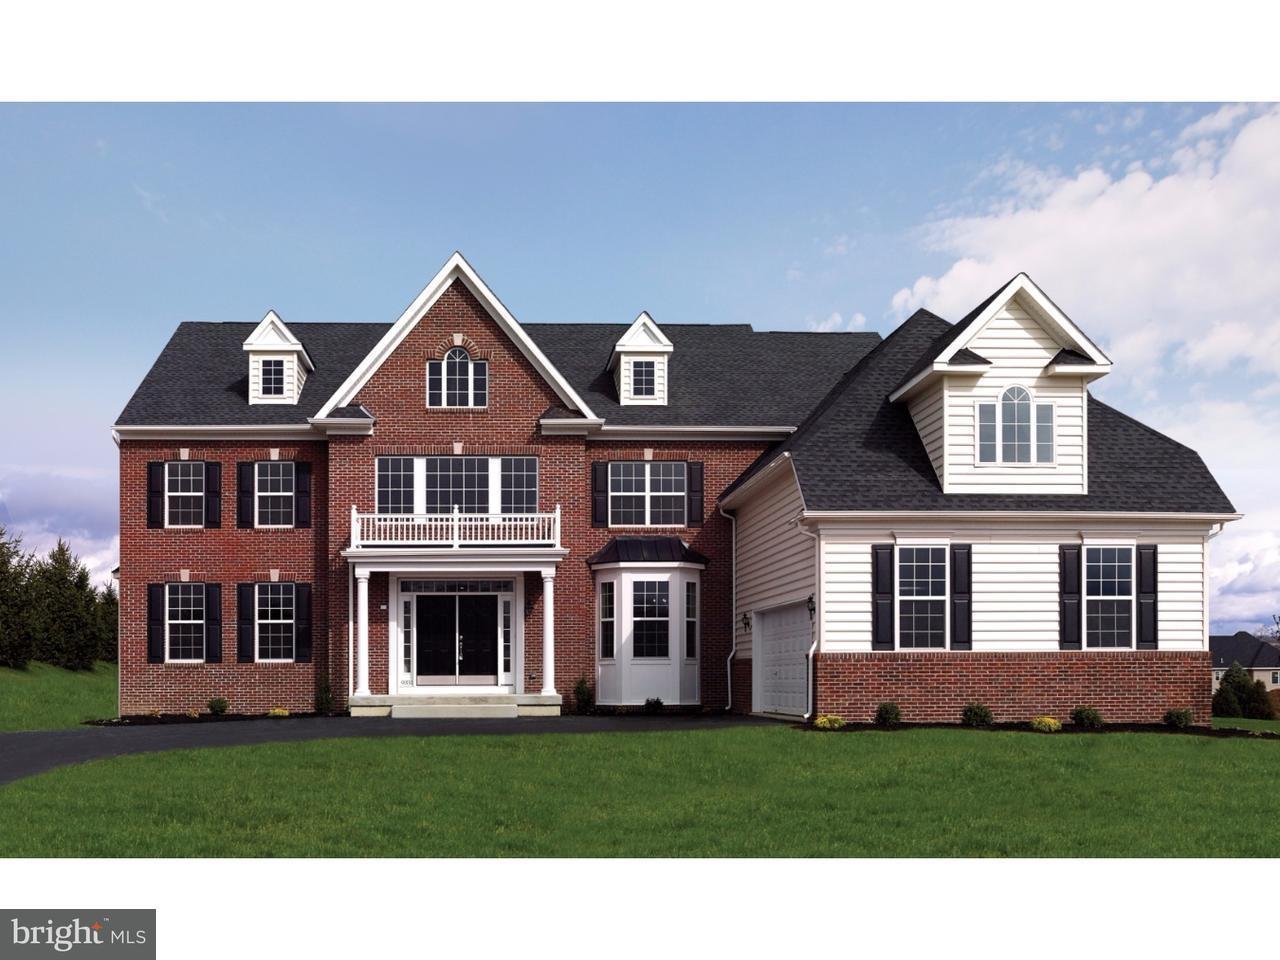 Частный односемейный дом для того Продажа на 181 WINTERBERRY Lane Chalfont, Пенсильвания 18914 Соединенные Штаты